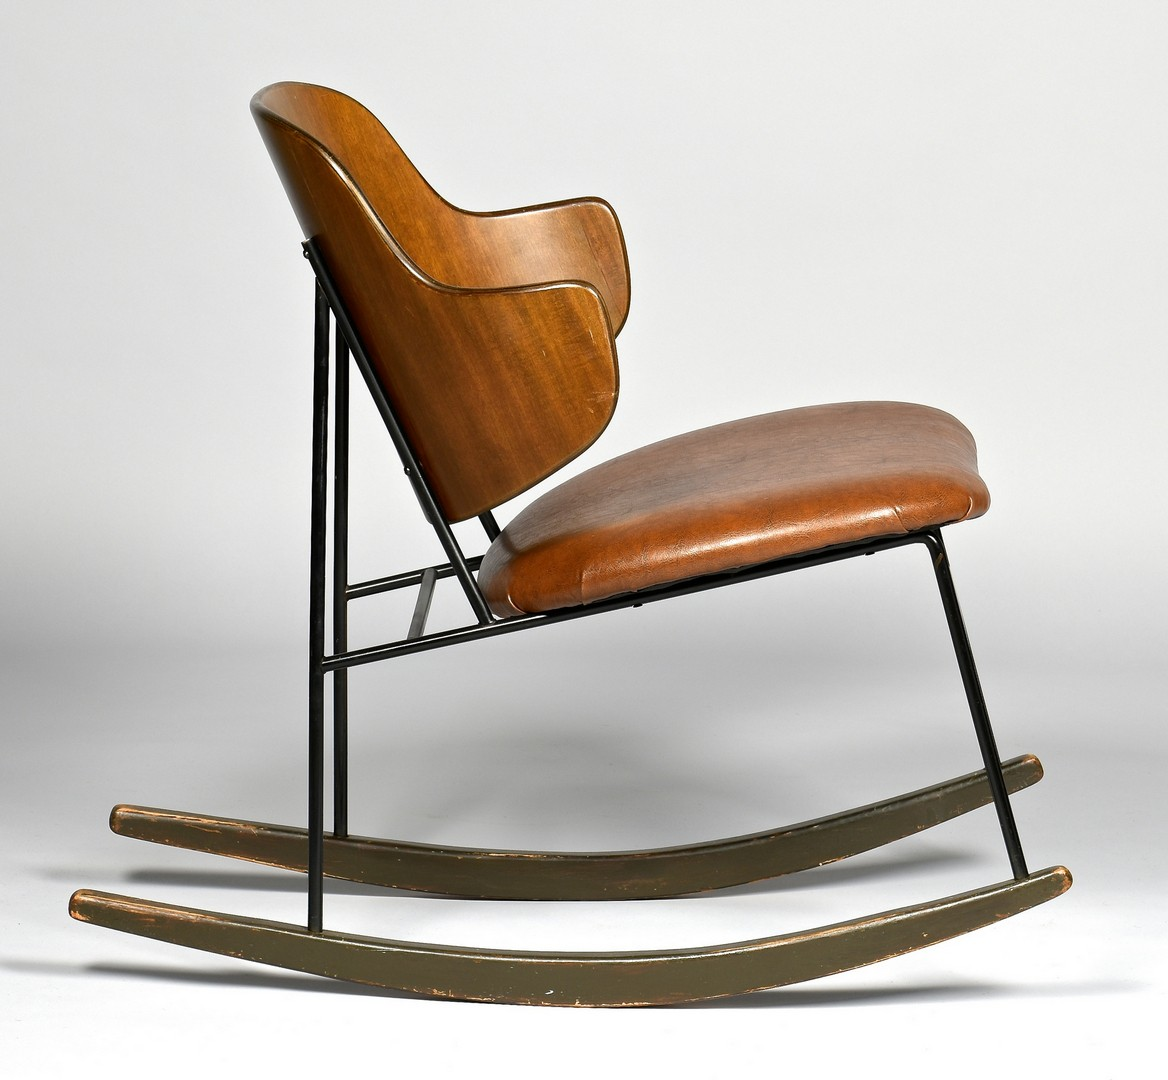 Lot 448: Ib Kofod Larsen Penguin Rocking Chair